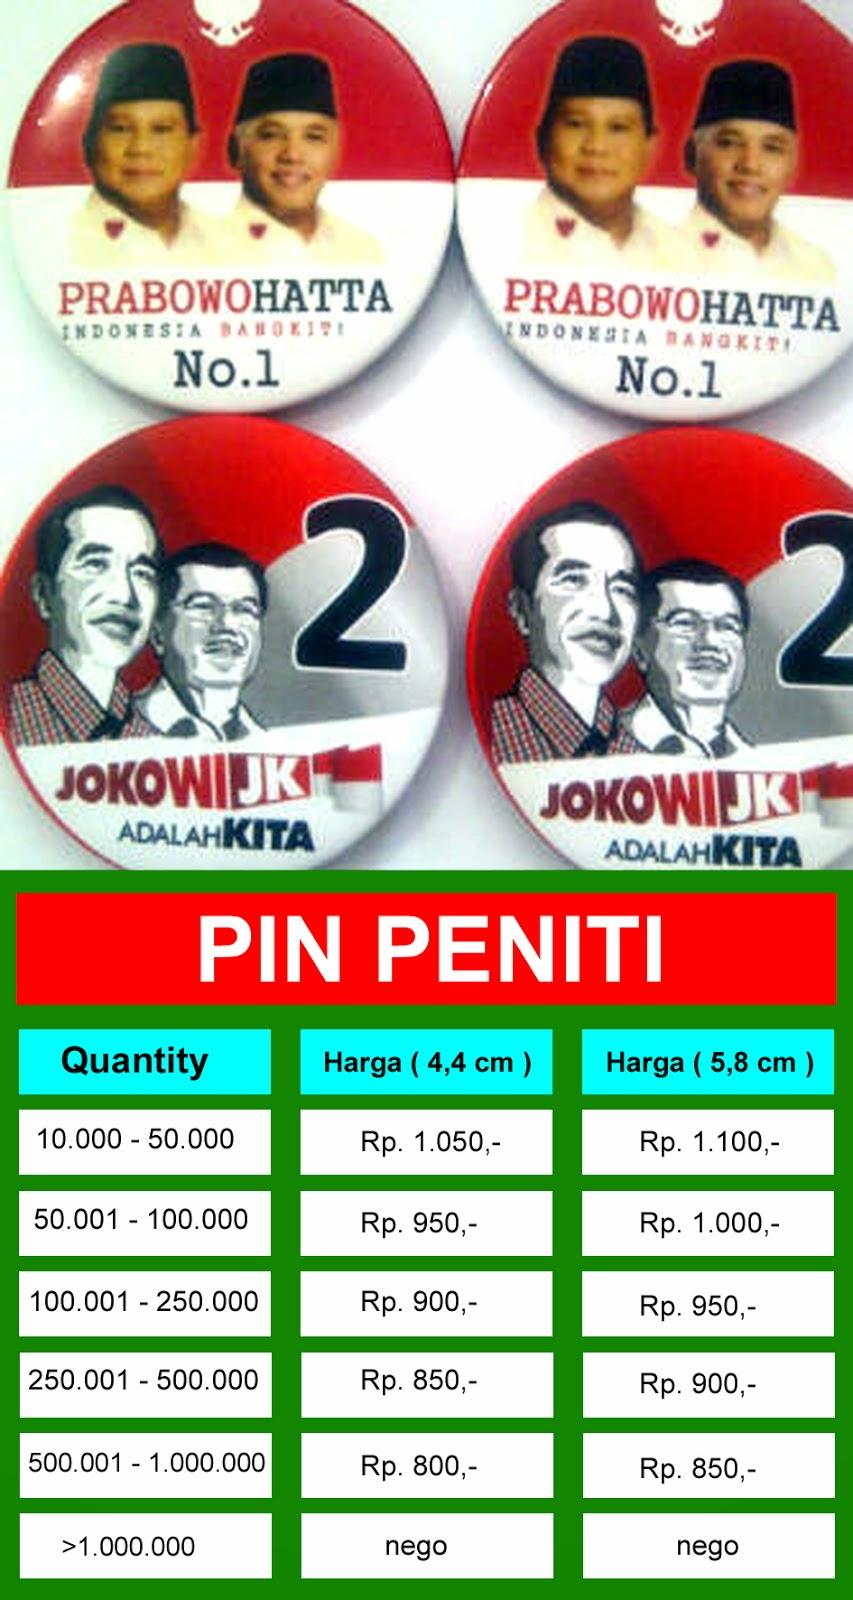 BUAT PIN MURAH JAKARTA: BUAT PIN MURAH DI KEBON JERUK ...